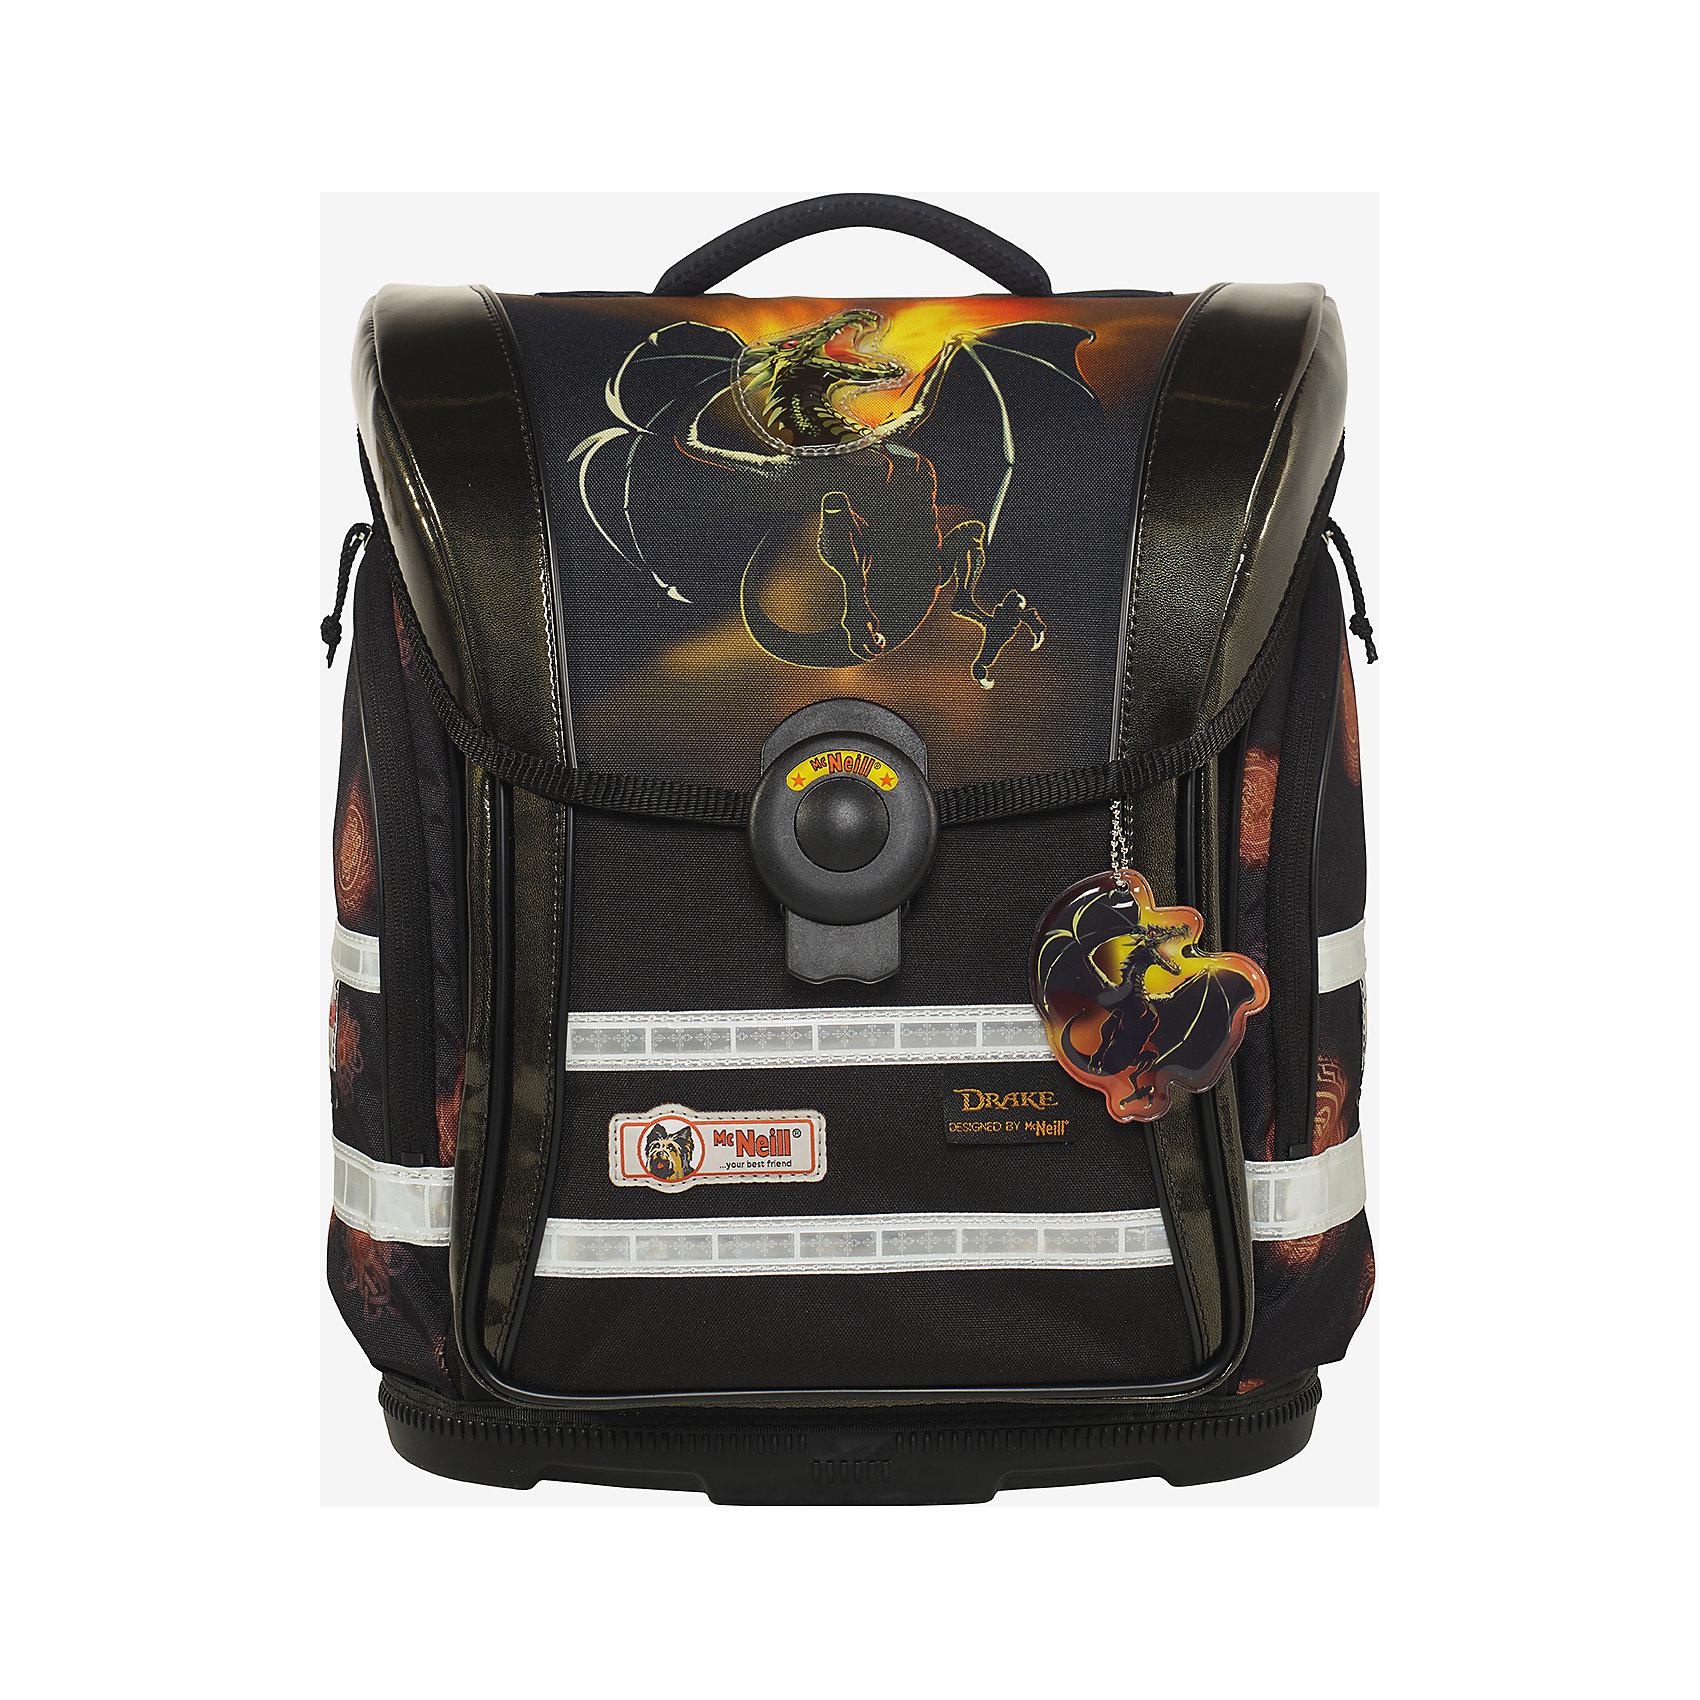 Школьный рюкзак Стиль MC Neill  ERGO Light COMPACTРанцы<br>Новое в ранцах McNeill ERGO Light COMPACT - Система SmartFlex –  изменяющаяся по высоте несущая система с 3-х точечной эргономикой. Вместимость 19,5 л,  вес ранца 1200 гр, удобный замок, боковые потайные карманы на молниях, дно из особо прочного пластика, ортопедическая спина, регулируемые ремни на мягких подушках.  В наборе  пенал с наполнением, пенал-тубус, сумка для обуви и спорта.     33*38*20см<br><br>Ширина мм: 422<br>Глубина мм: 350<br>Высота мм: 271<br>Вес г: 2104<br>Цвет: оранжевый/черный<br>Возраст от месяцев: 60<br>Возраст до месяцев: 120<br>Пол: Мужской<br>Возраст: Детский<br>SKU: 5139511